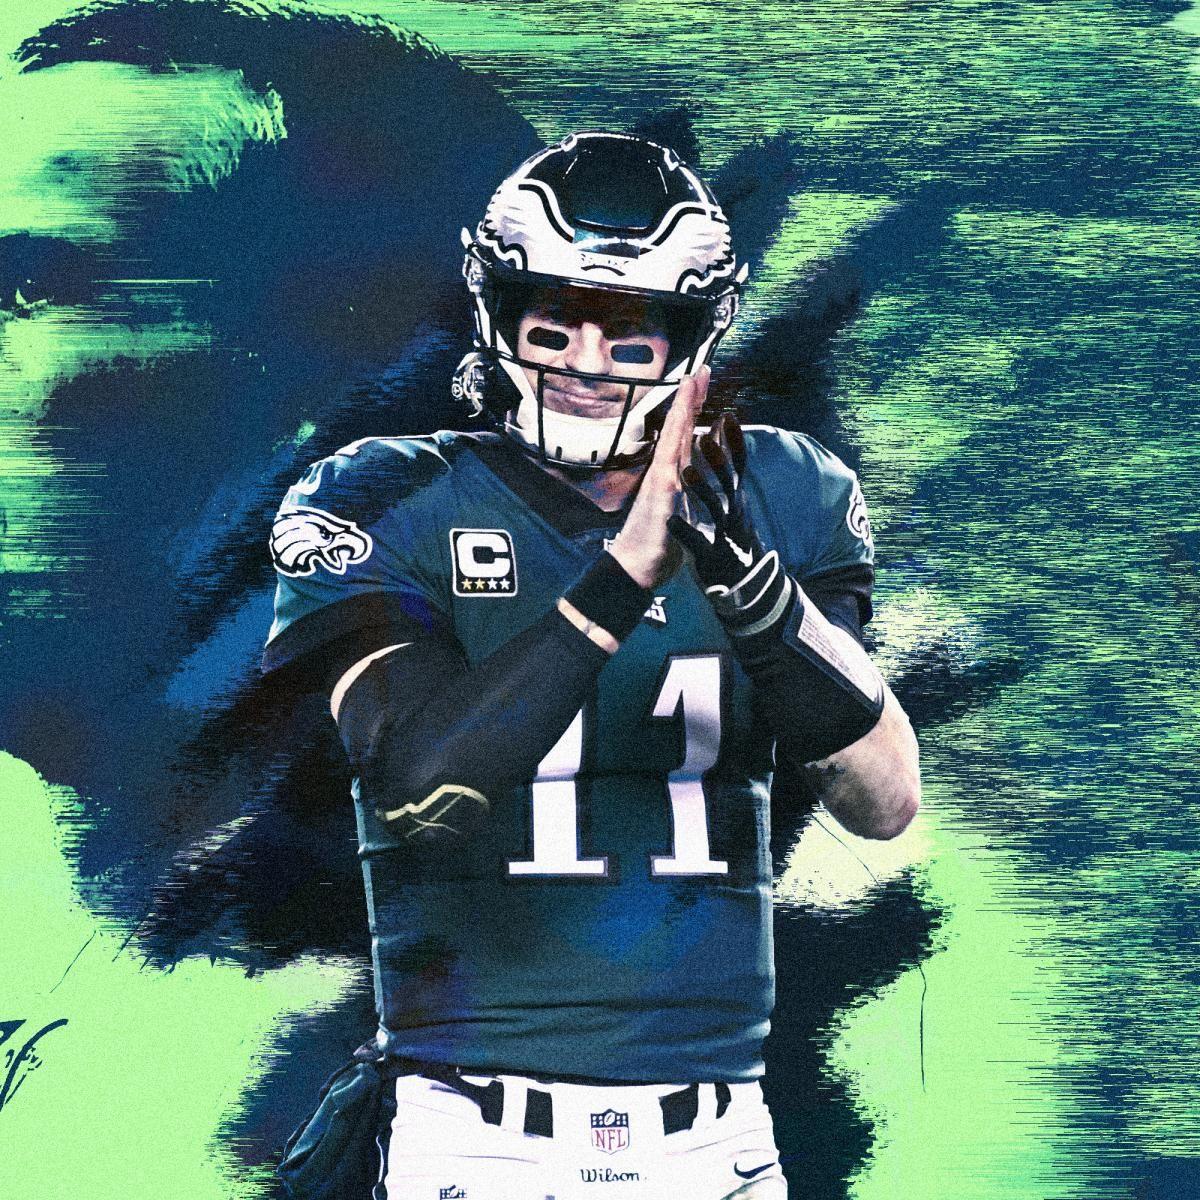 Carson Wentz Is Ready To Put His Stamp On Philadelphia And The Nfl Carson Wentz Nfl Philadelphia Eagles Philadelphia Eagles Football